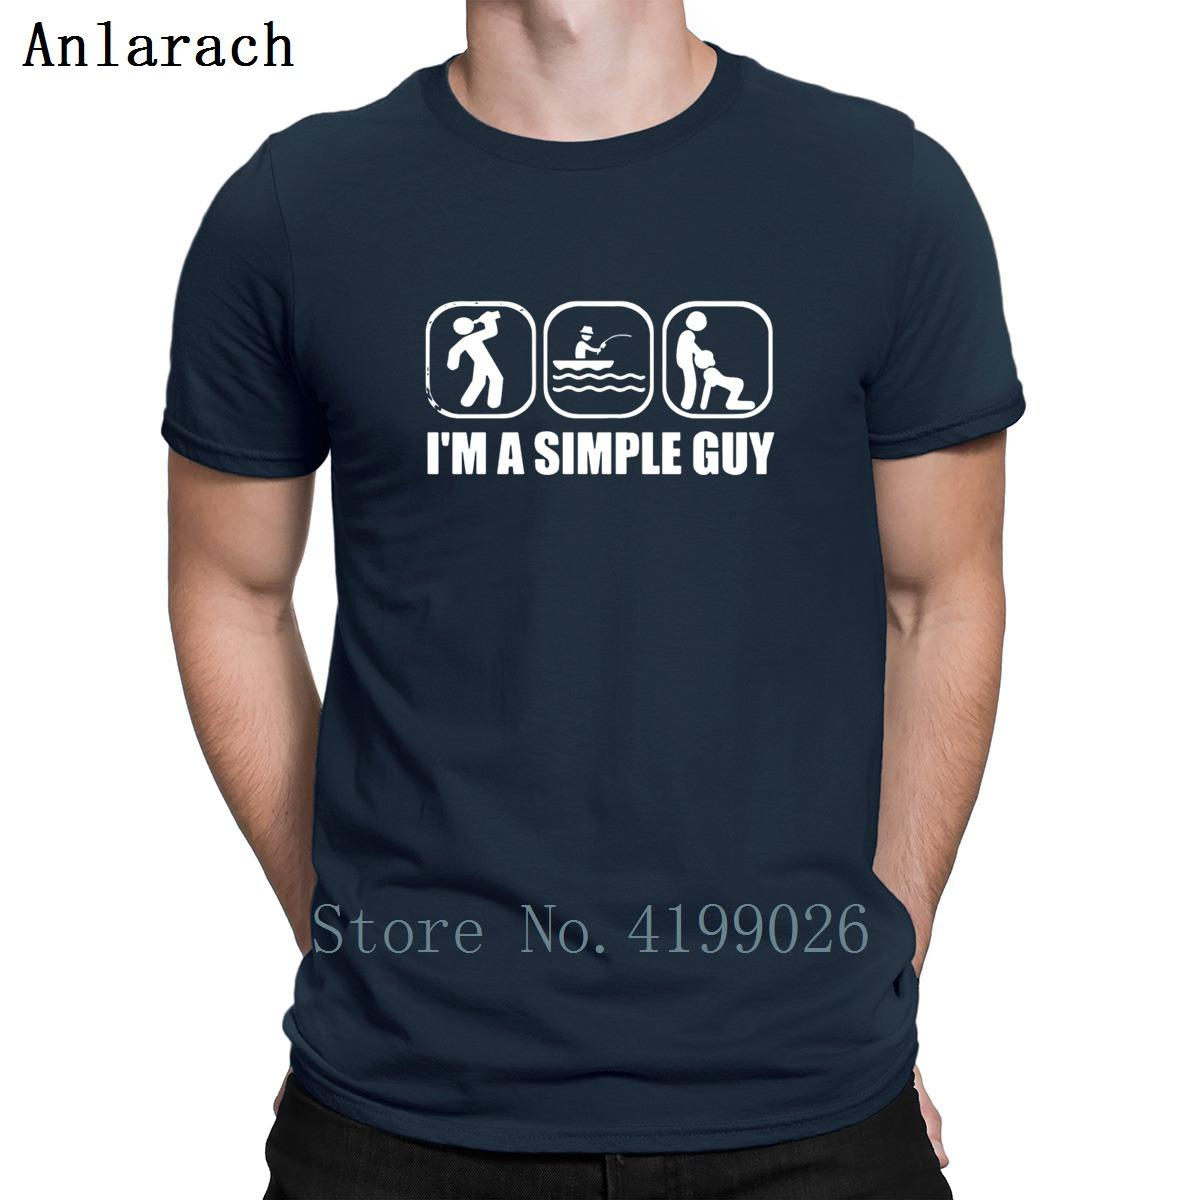 Ben Am Basit Bir Guy Balık T Shirtss Otantik Bahar Kırışıklık Karşıtı Vintage T Gömlek Kişilik Erkek Üst Tee Tee Gömlek Plus Size